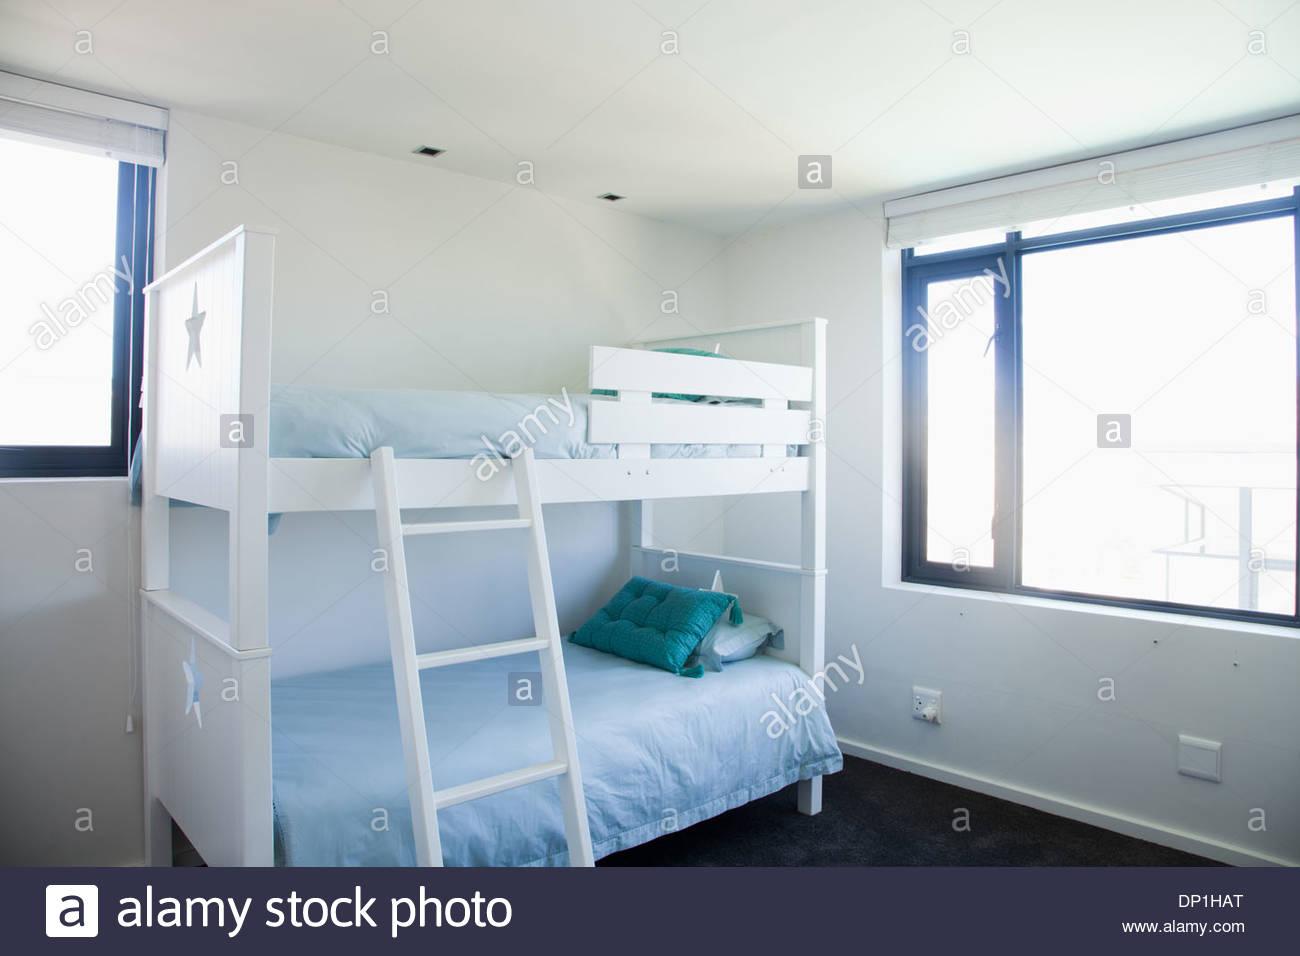 Etagenbett Interio : Im schlafzimmer stockfotos & bilder alamy